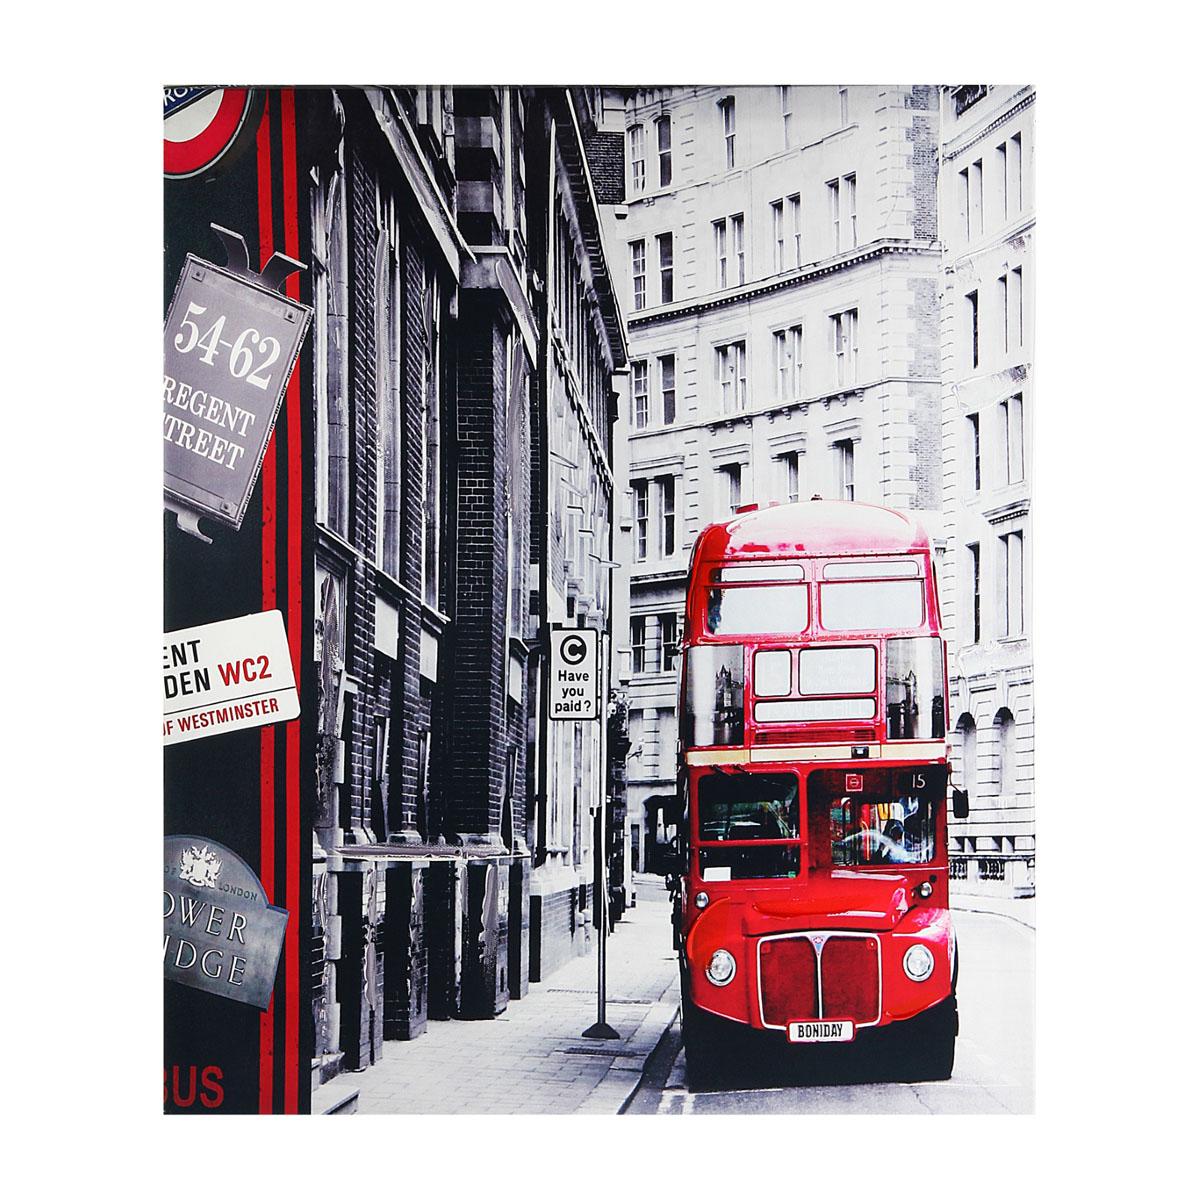 Картина на холсте Sima-land Красный автобус, 50 см х 40 см296664Картина Sima-land Красный автобус написана на холсте. На картине изображены черно-белые здания и красный автобус. Особое объемное изображение придает картине акрил, который нанесен поверх изображения. Картина на холсте акрилом - это классика современного живописного искусства. Картины акрилом всегда сохраняют яркий блеск, что придает картине живость. Из мелочей складывается стиль интерьера. Картина на холсте Sima-land Красный автобус одна из тех деталей, которые придают дому обжитой вид и создают ощущение уюта.